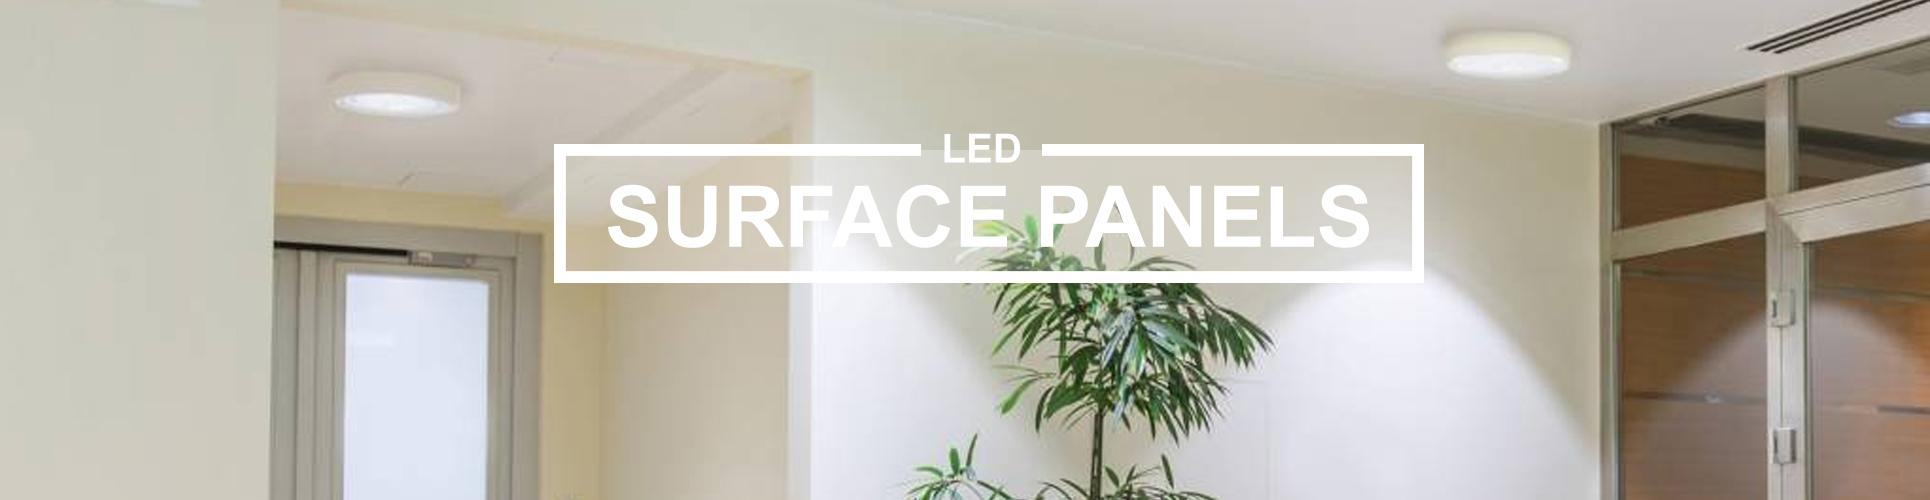 Surface LED panels